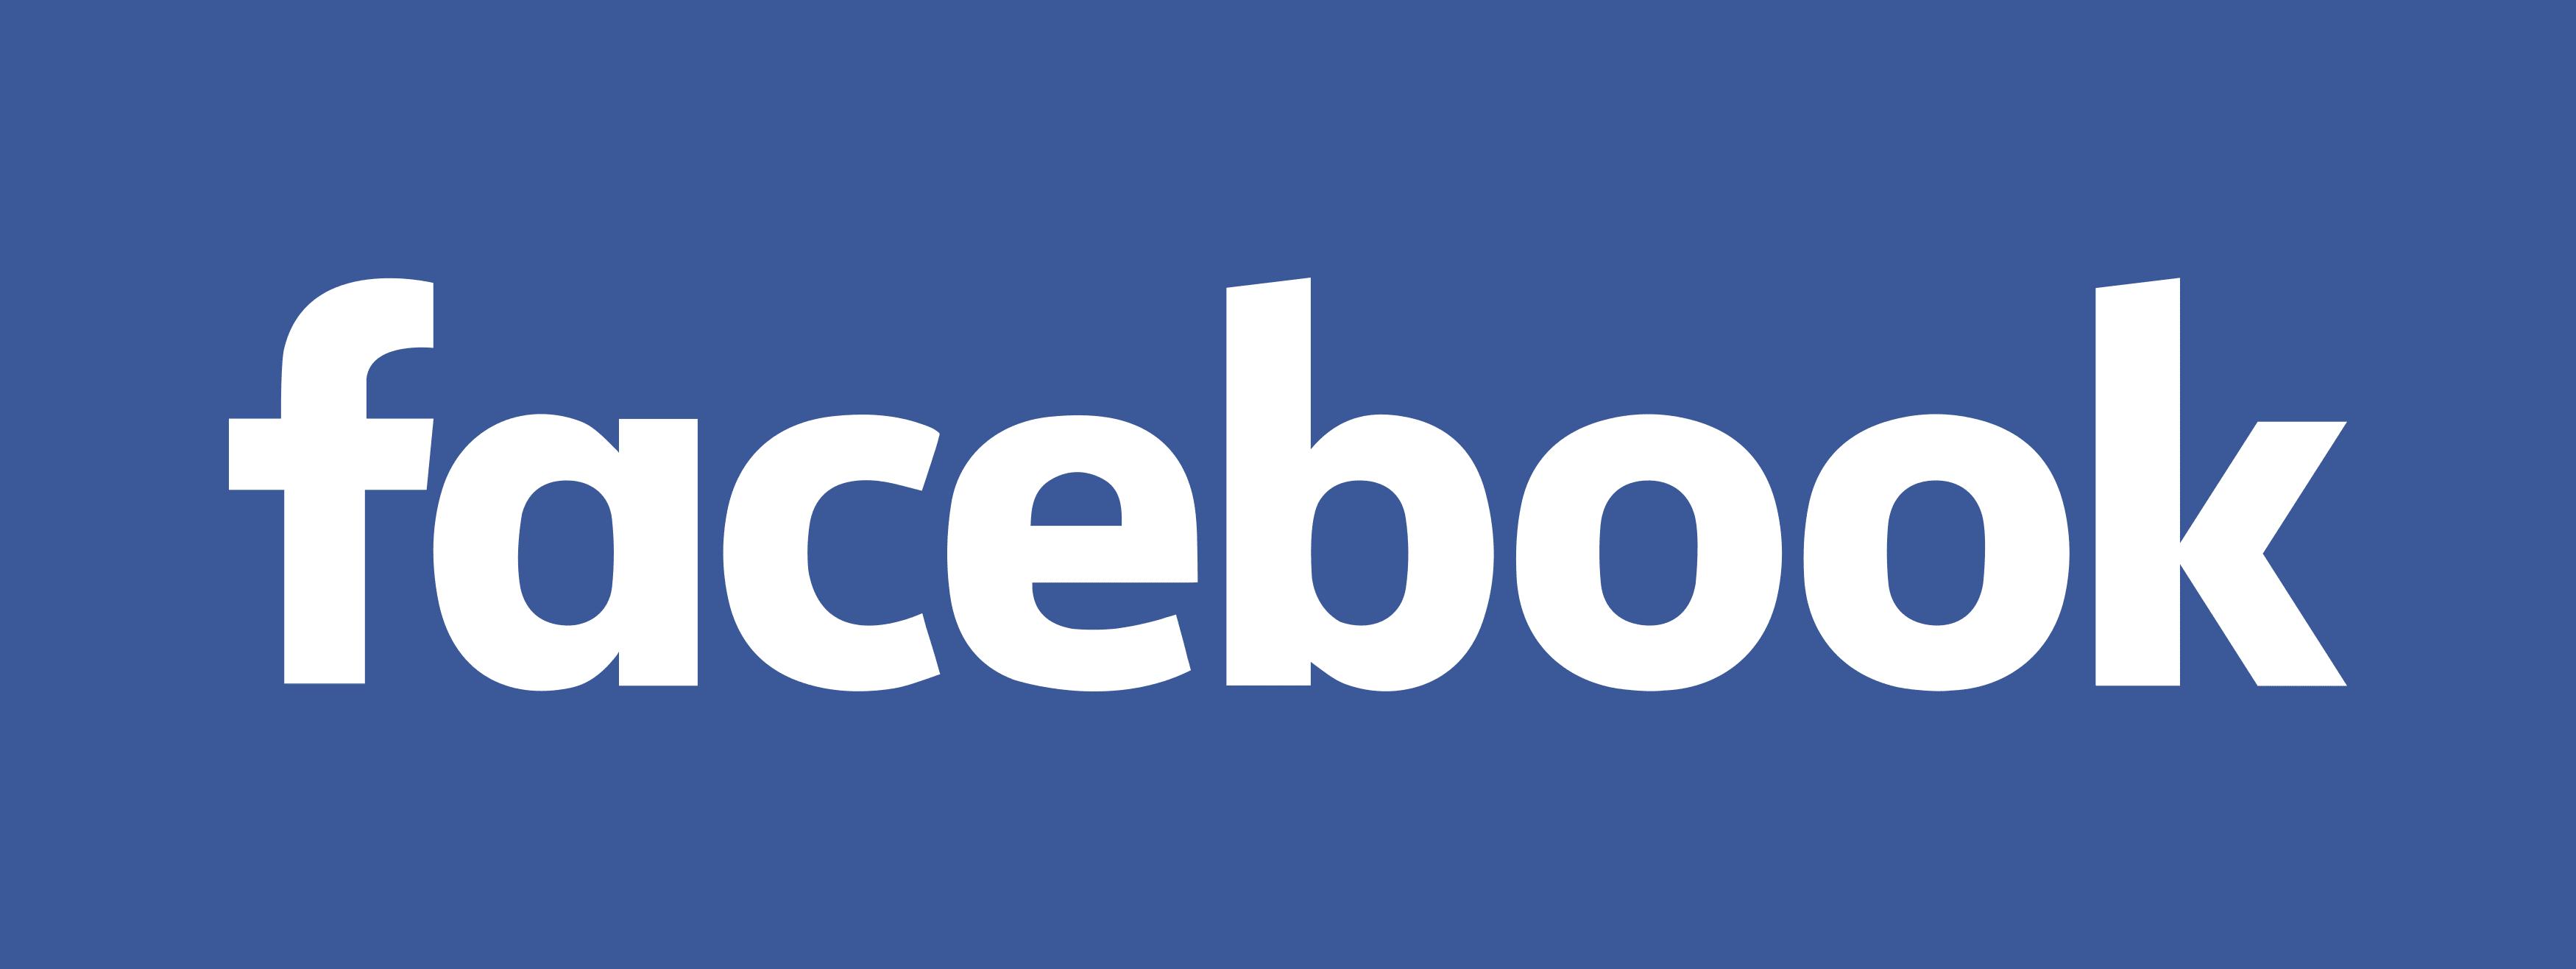 Facebook quiz logo